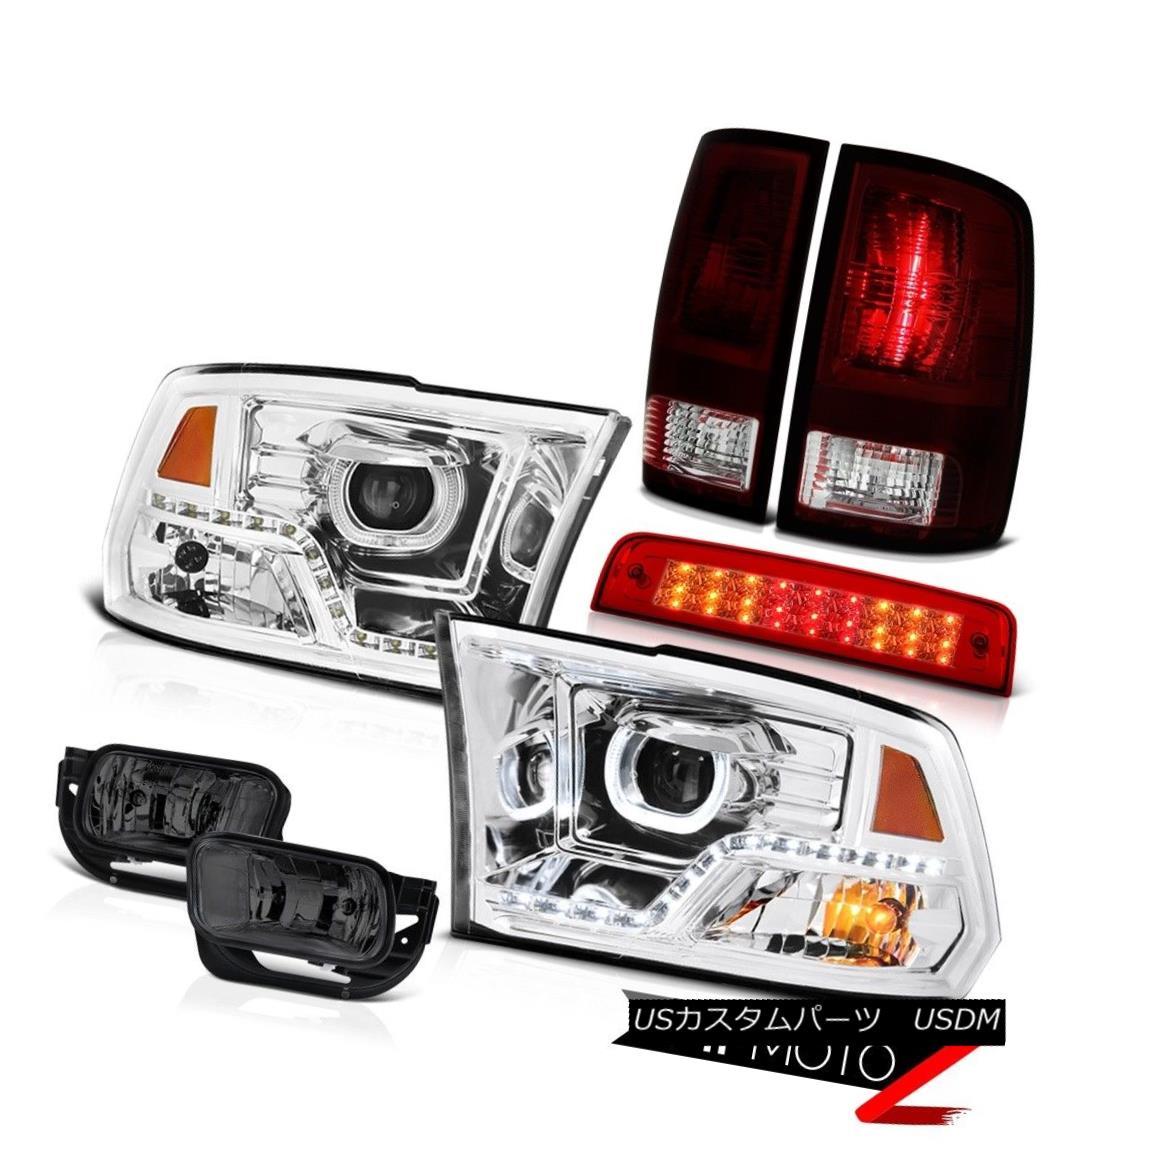 テールライト 2009-2013 Dodge RAM 1500 Headlamp Brake Lights Fog Light Factory Style Tail SET 2009-2013ダッジRAM 1500ヘッドランプブレーキライトフォグライト工場スタイルテールSET